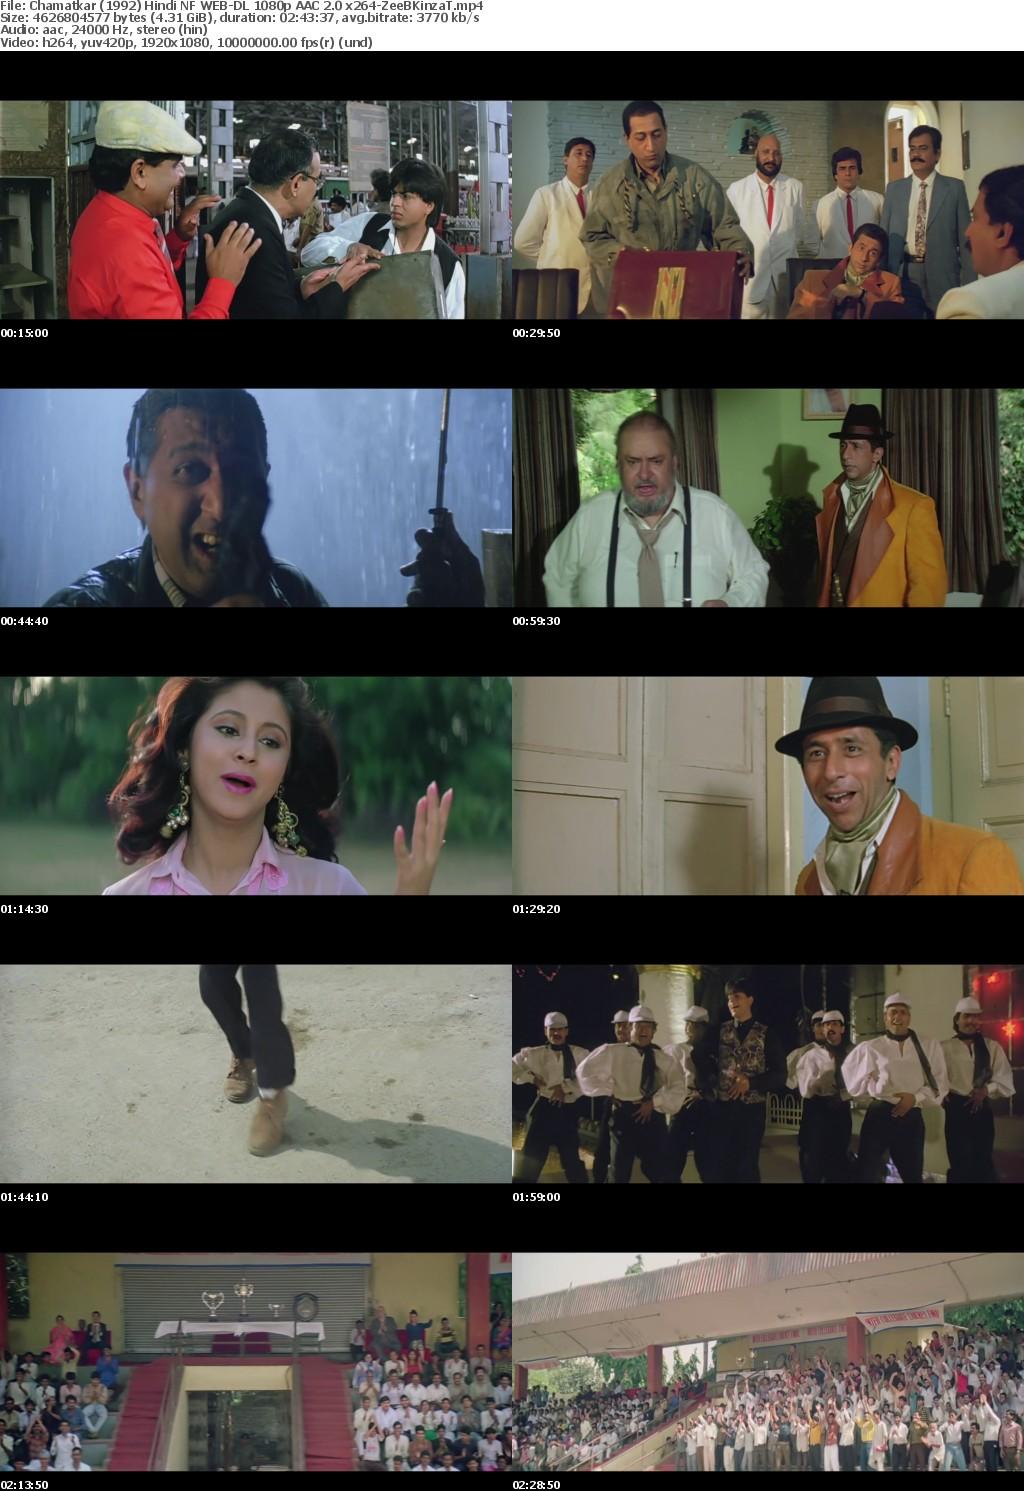 Chamatkar (1992) Hindi NF WEB-DL 1080p AAC 2 0 x264-ZeeBKinzaT mp4